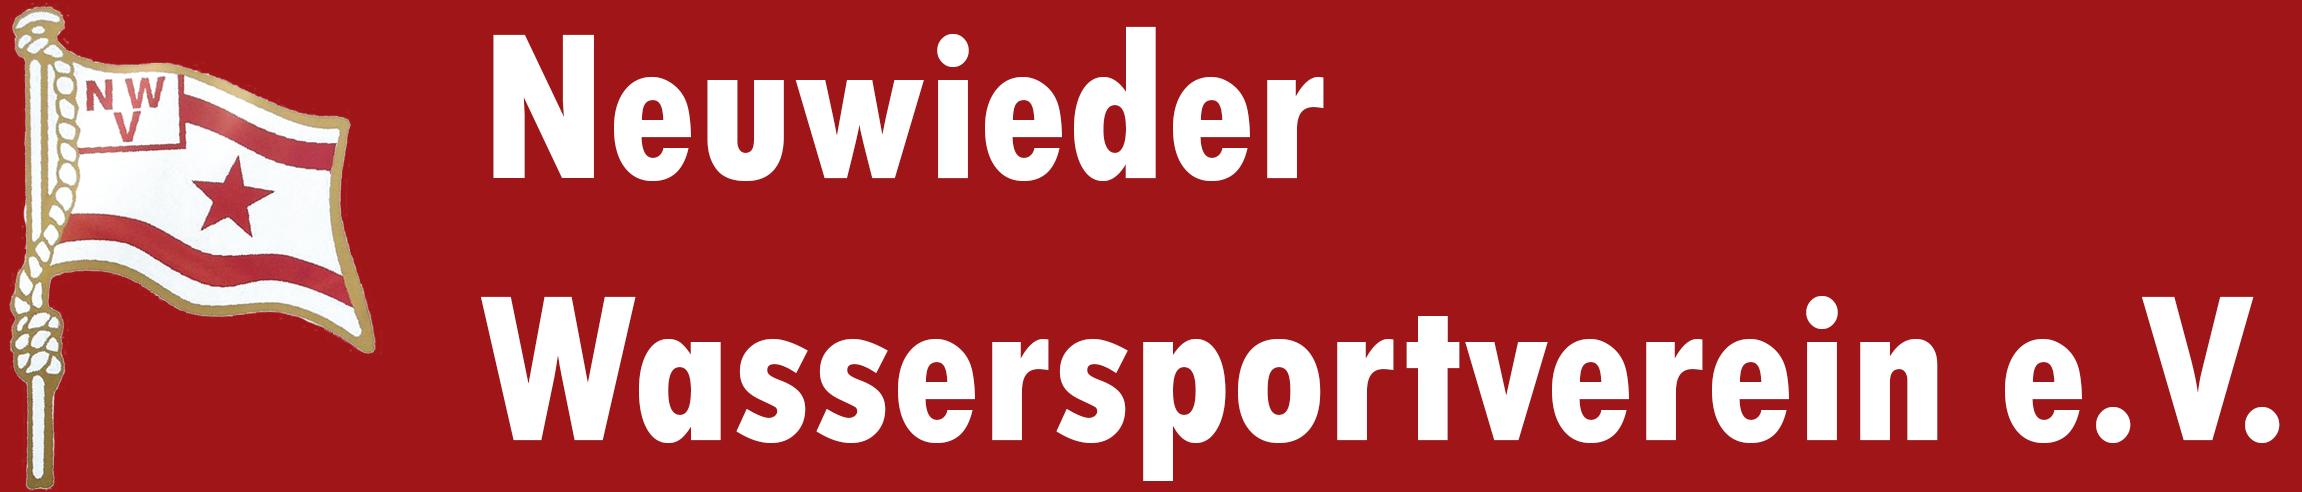 Neuwieder Wassersportverein e.V.